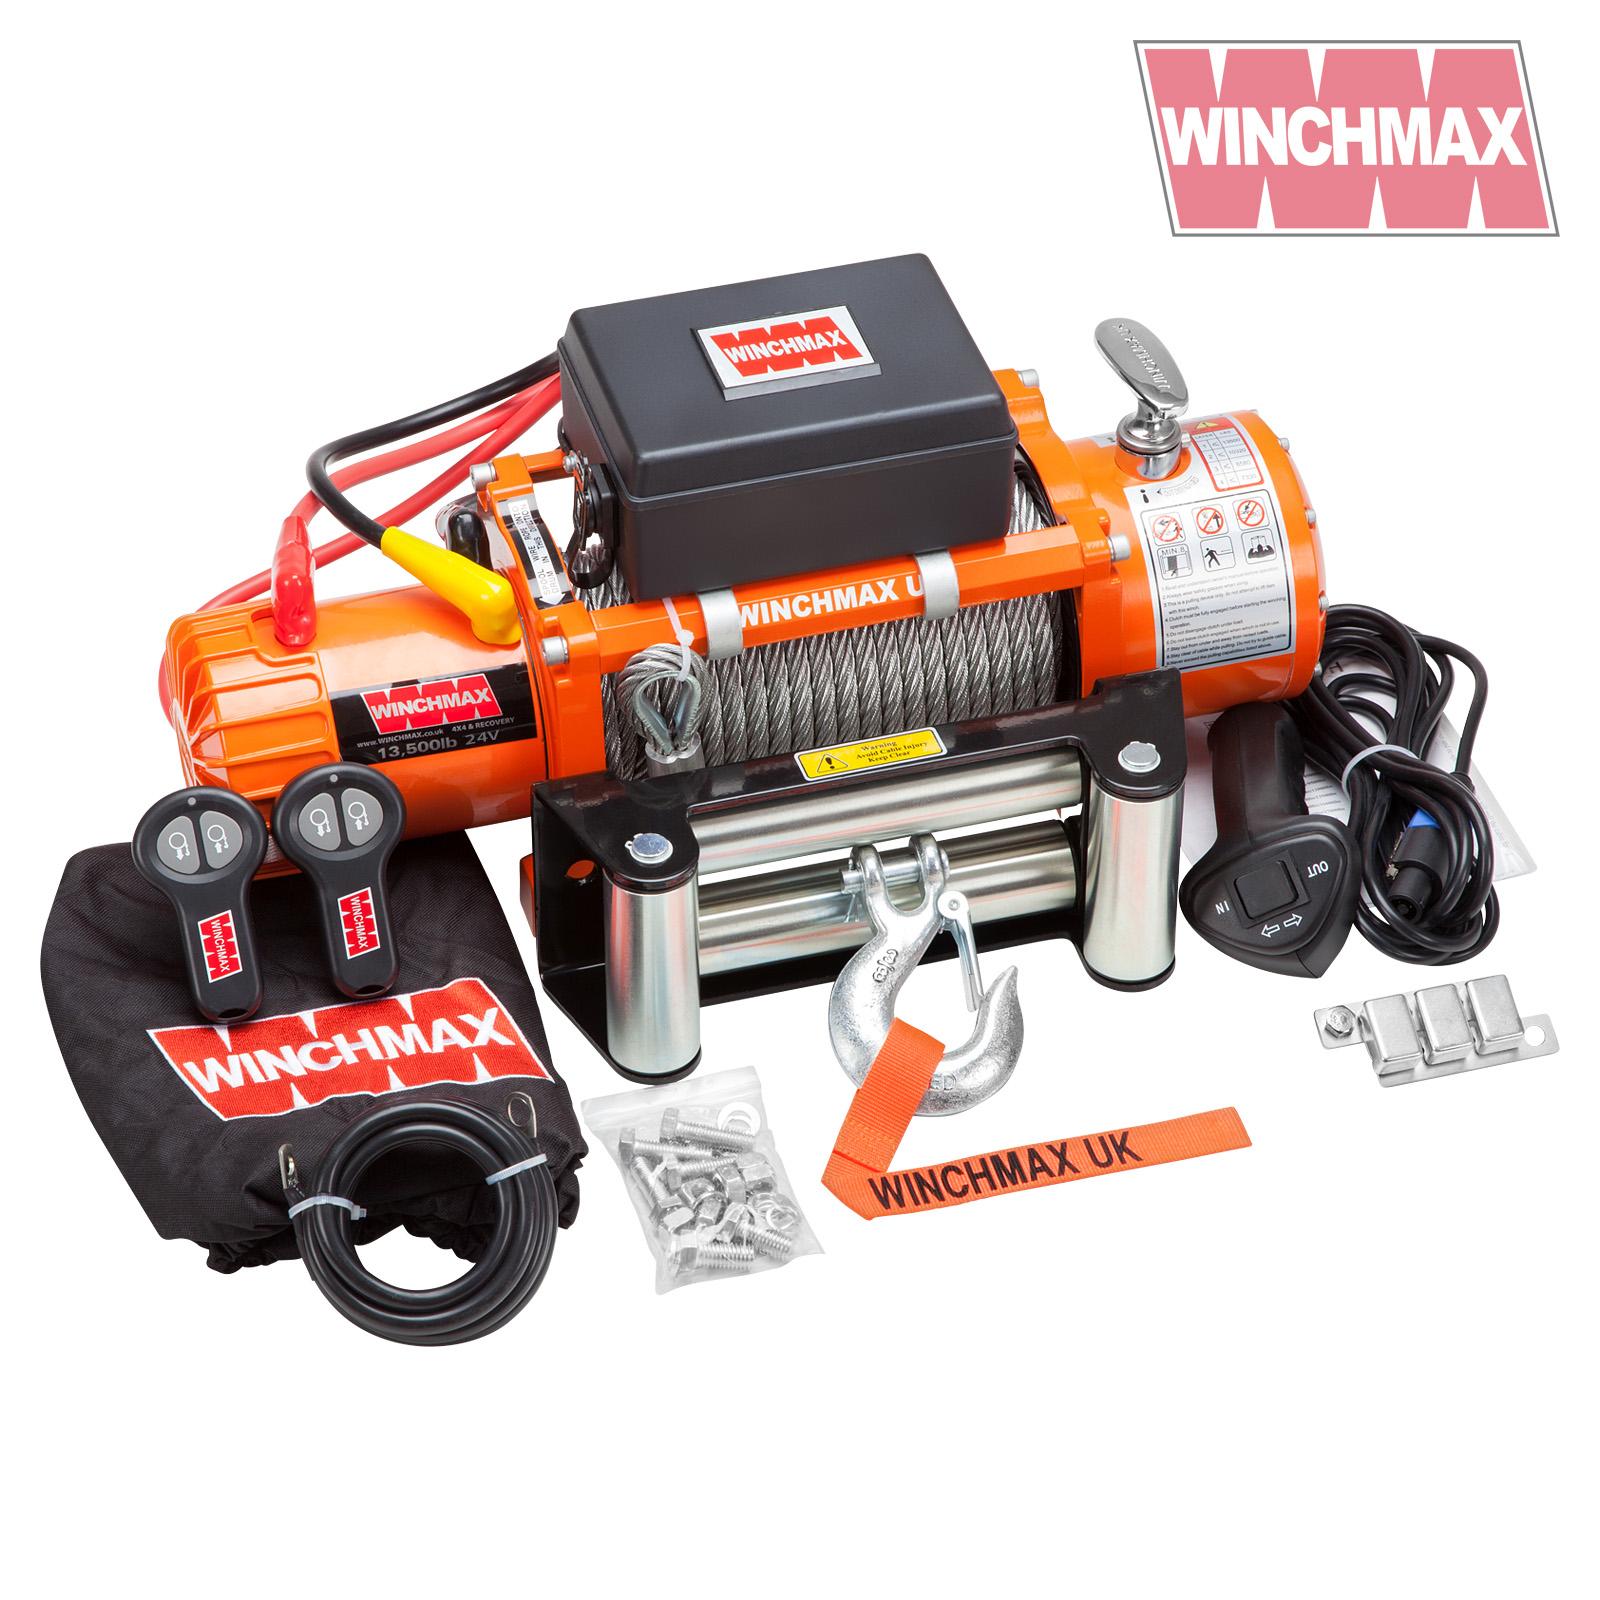 Wm1350024vr winchmax 03